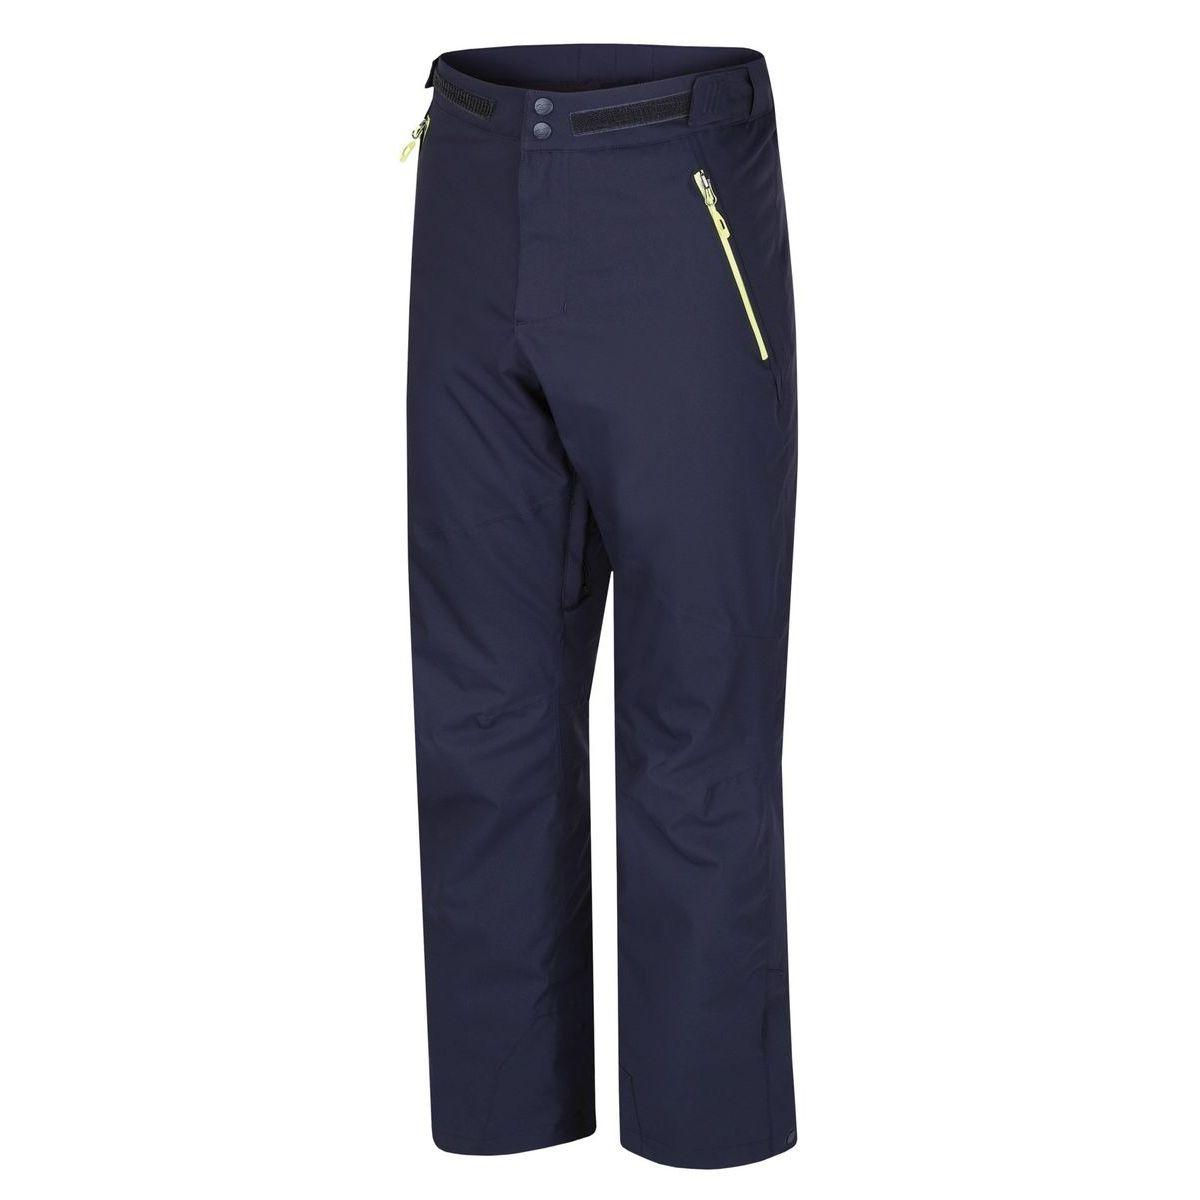 Pantaloni schi barbati Hannah Park Bleumarin imagine